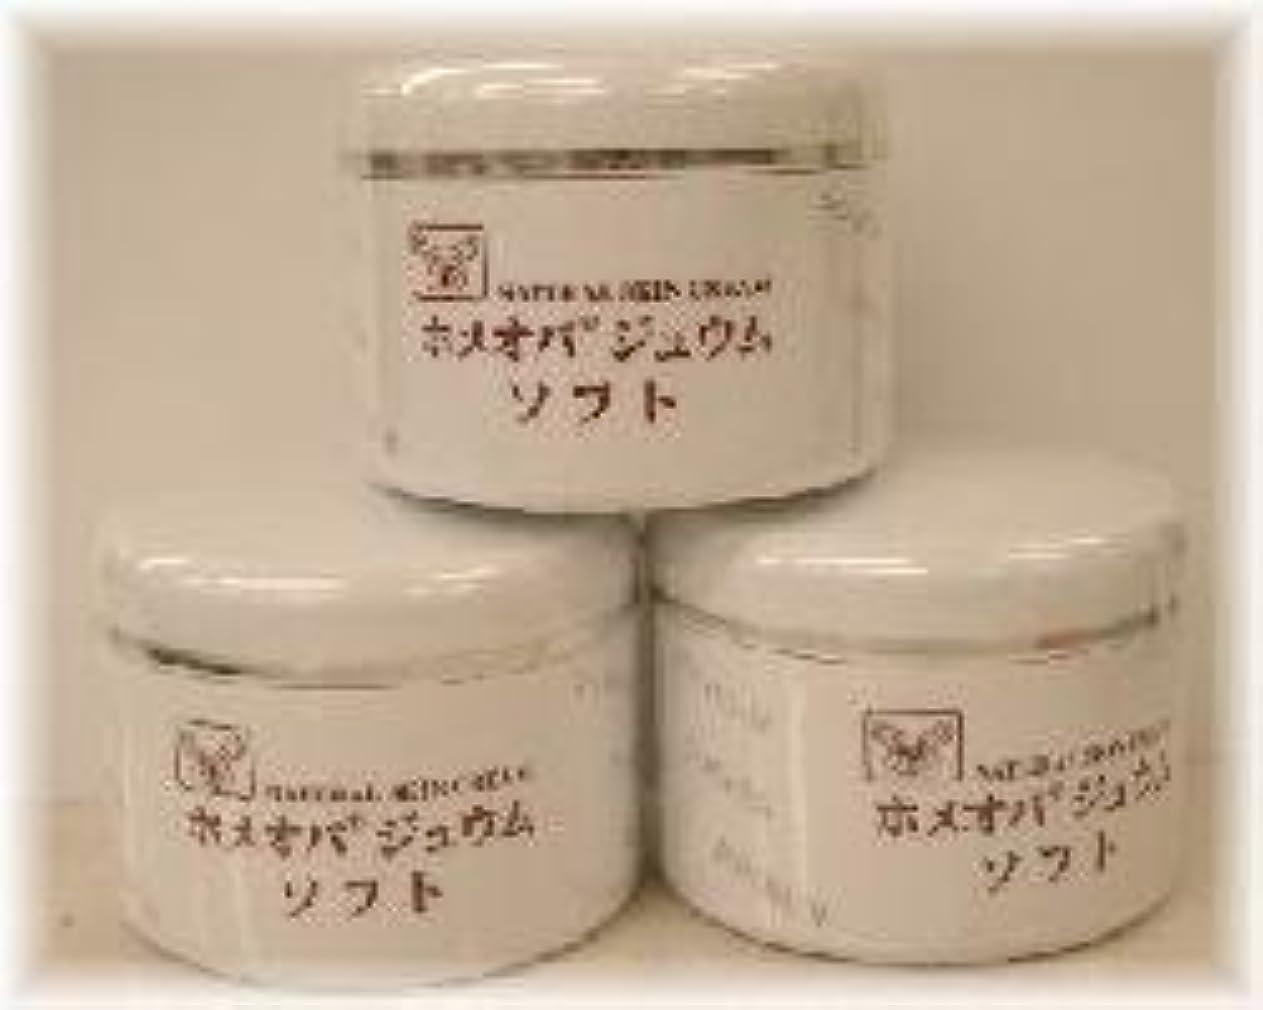 部屋を掃除する直接不満ホメオパジュウム スキンケア商品3点¥10500クリームソフトx3個